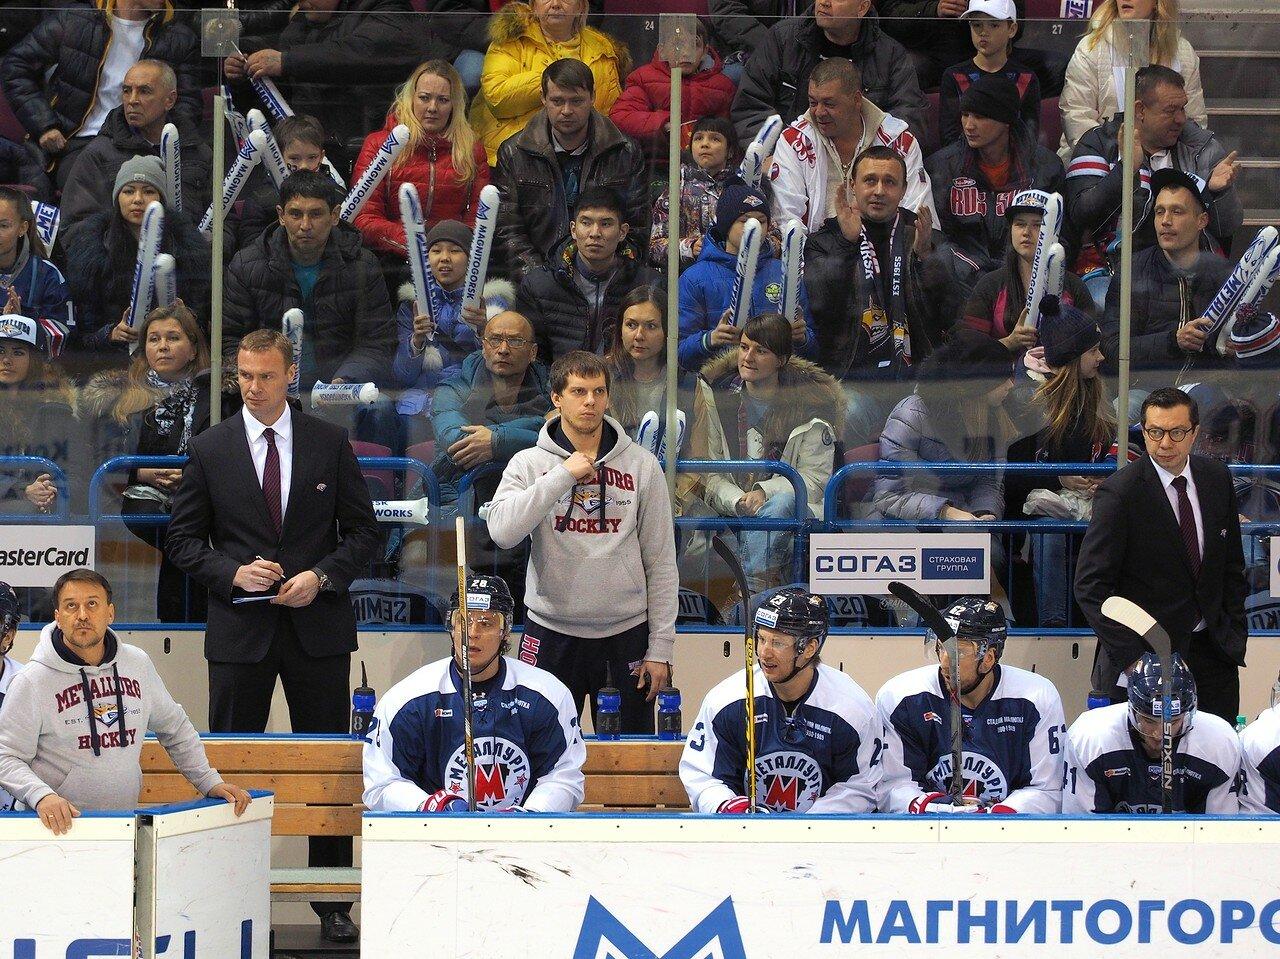 44Металлург - Динамо Москва 28.12.2015